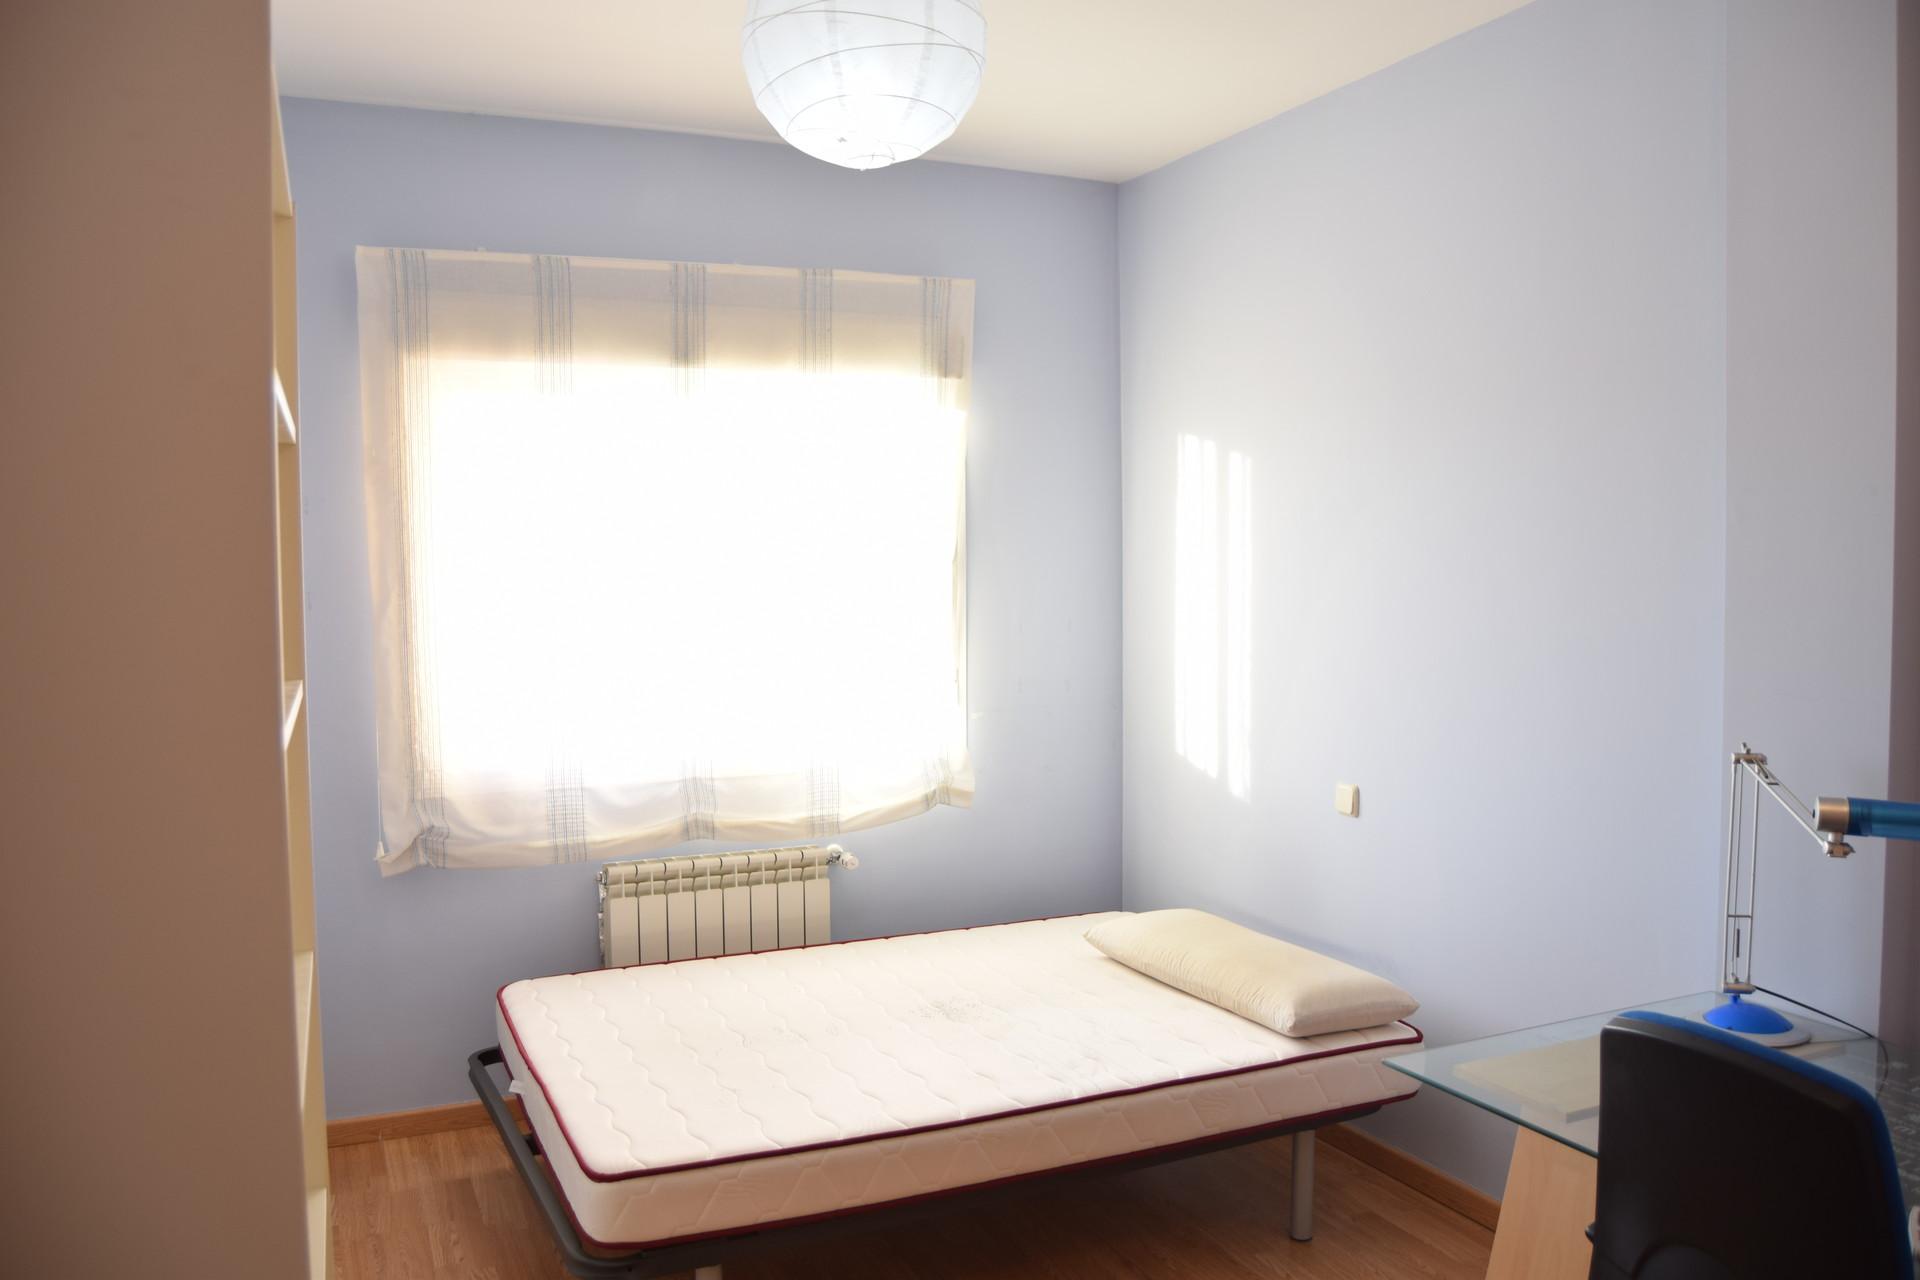 Habitaci n de 12m en chalet alquiler habitaciones madrid for Habitacion de 8 metros cuadrados